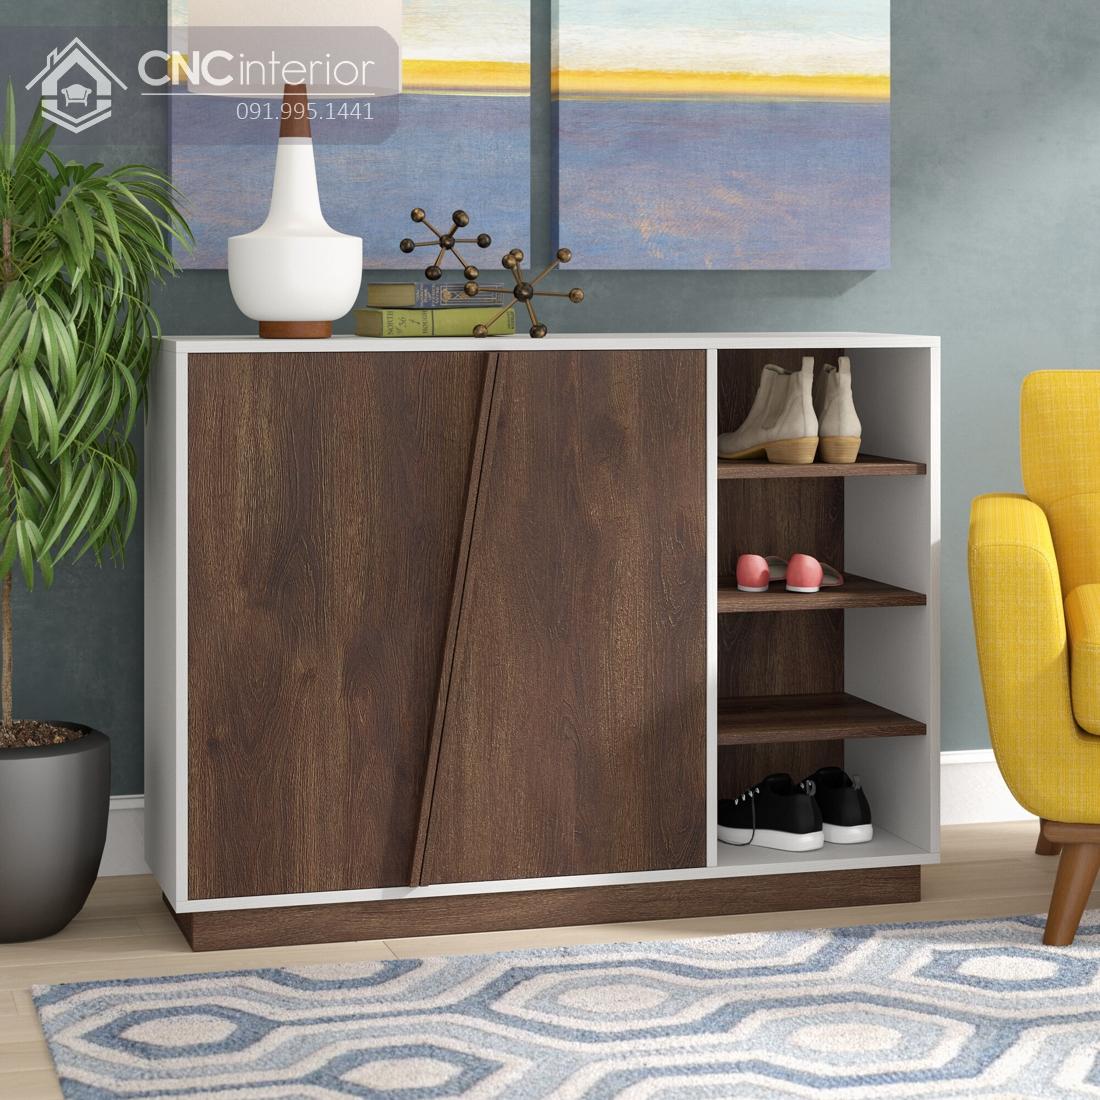 tủ đựng giày dép bằng gỗ tphcm 13